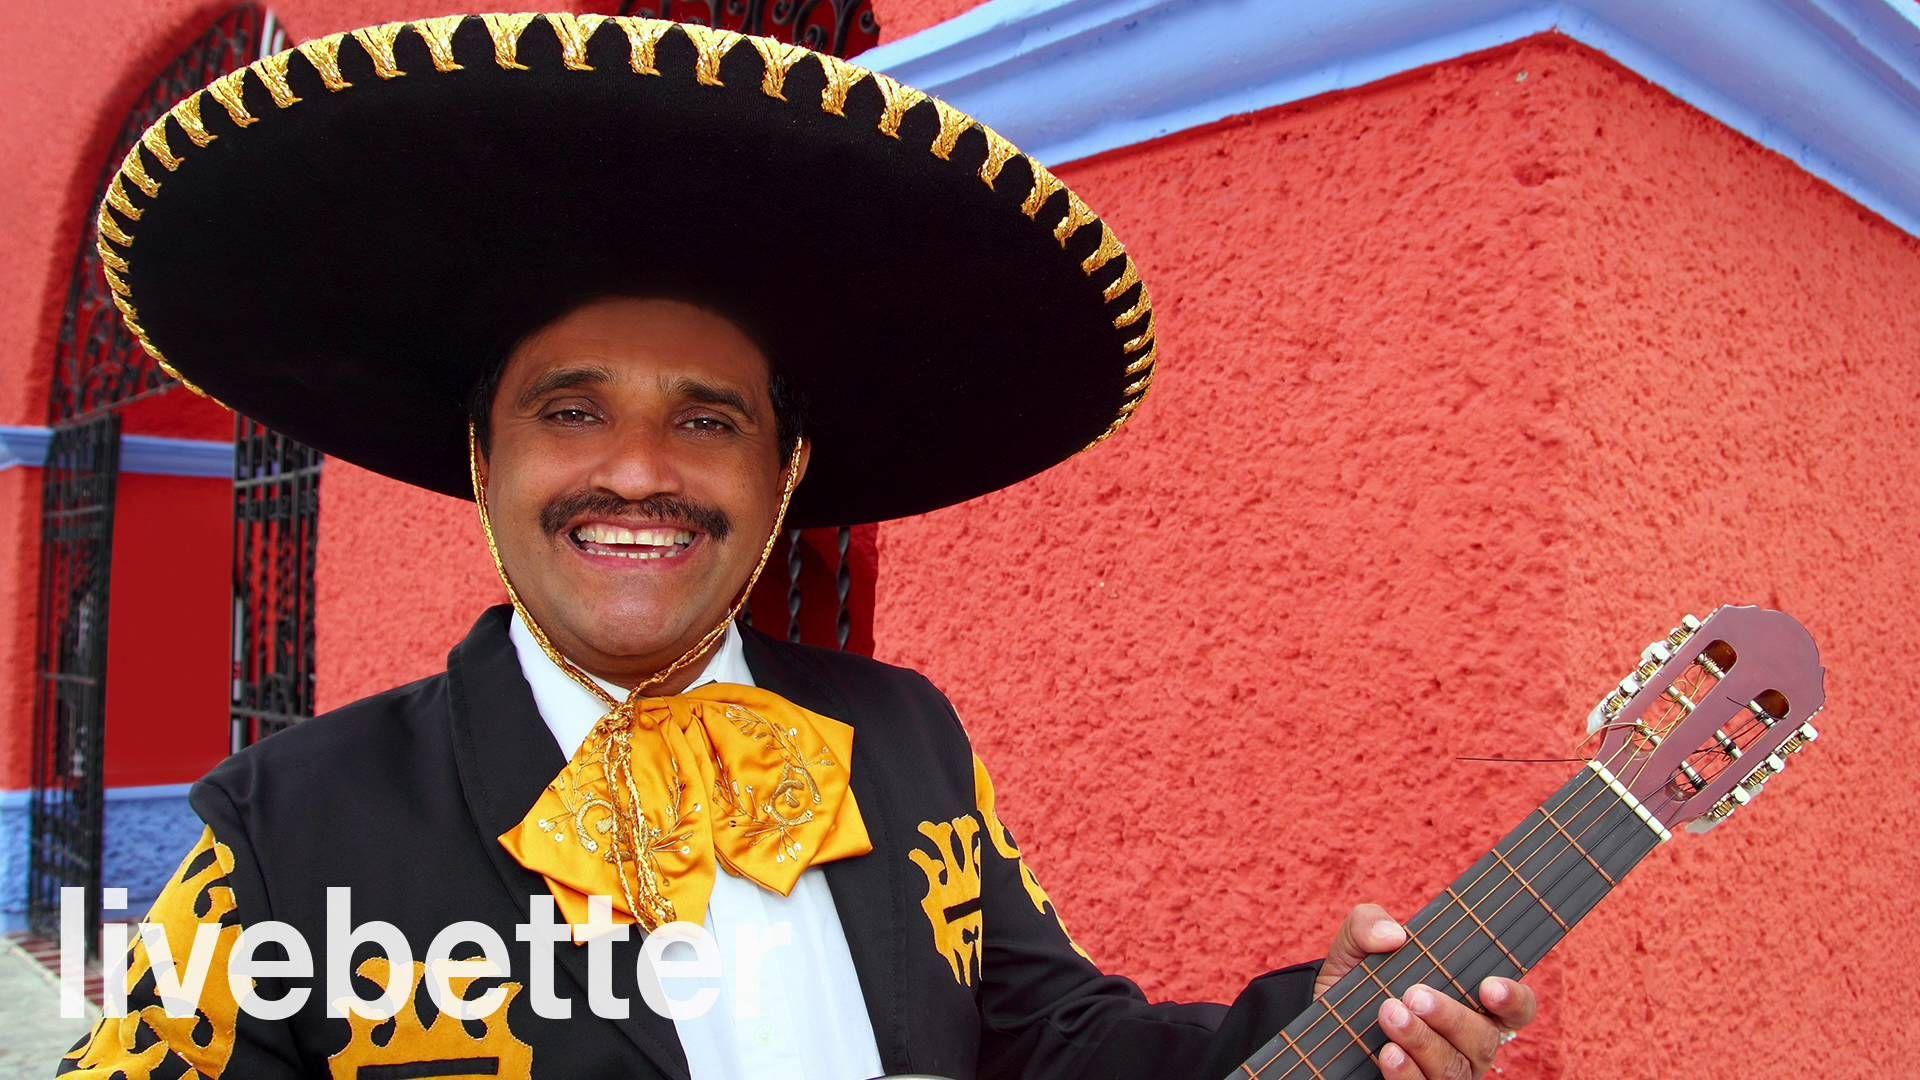 Música Instrumental Mexicana Tradicional Ranchera Con Mariachi Con Tromp Musica Mexicana Musica De Mariachi Musica Ranchera